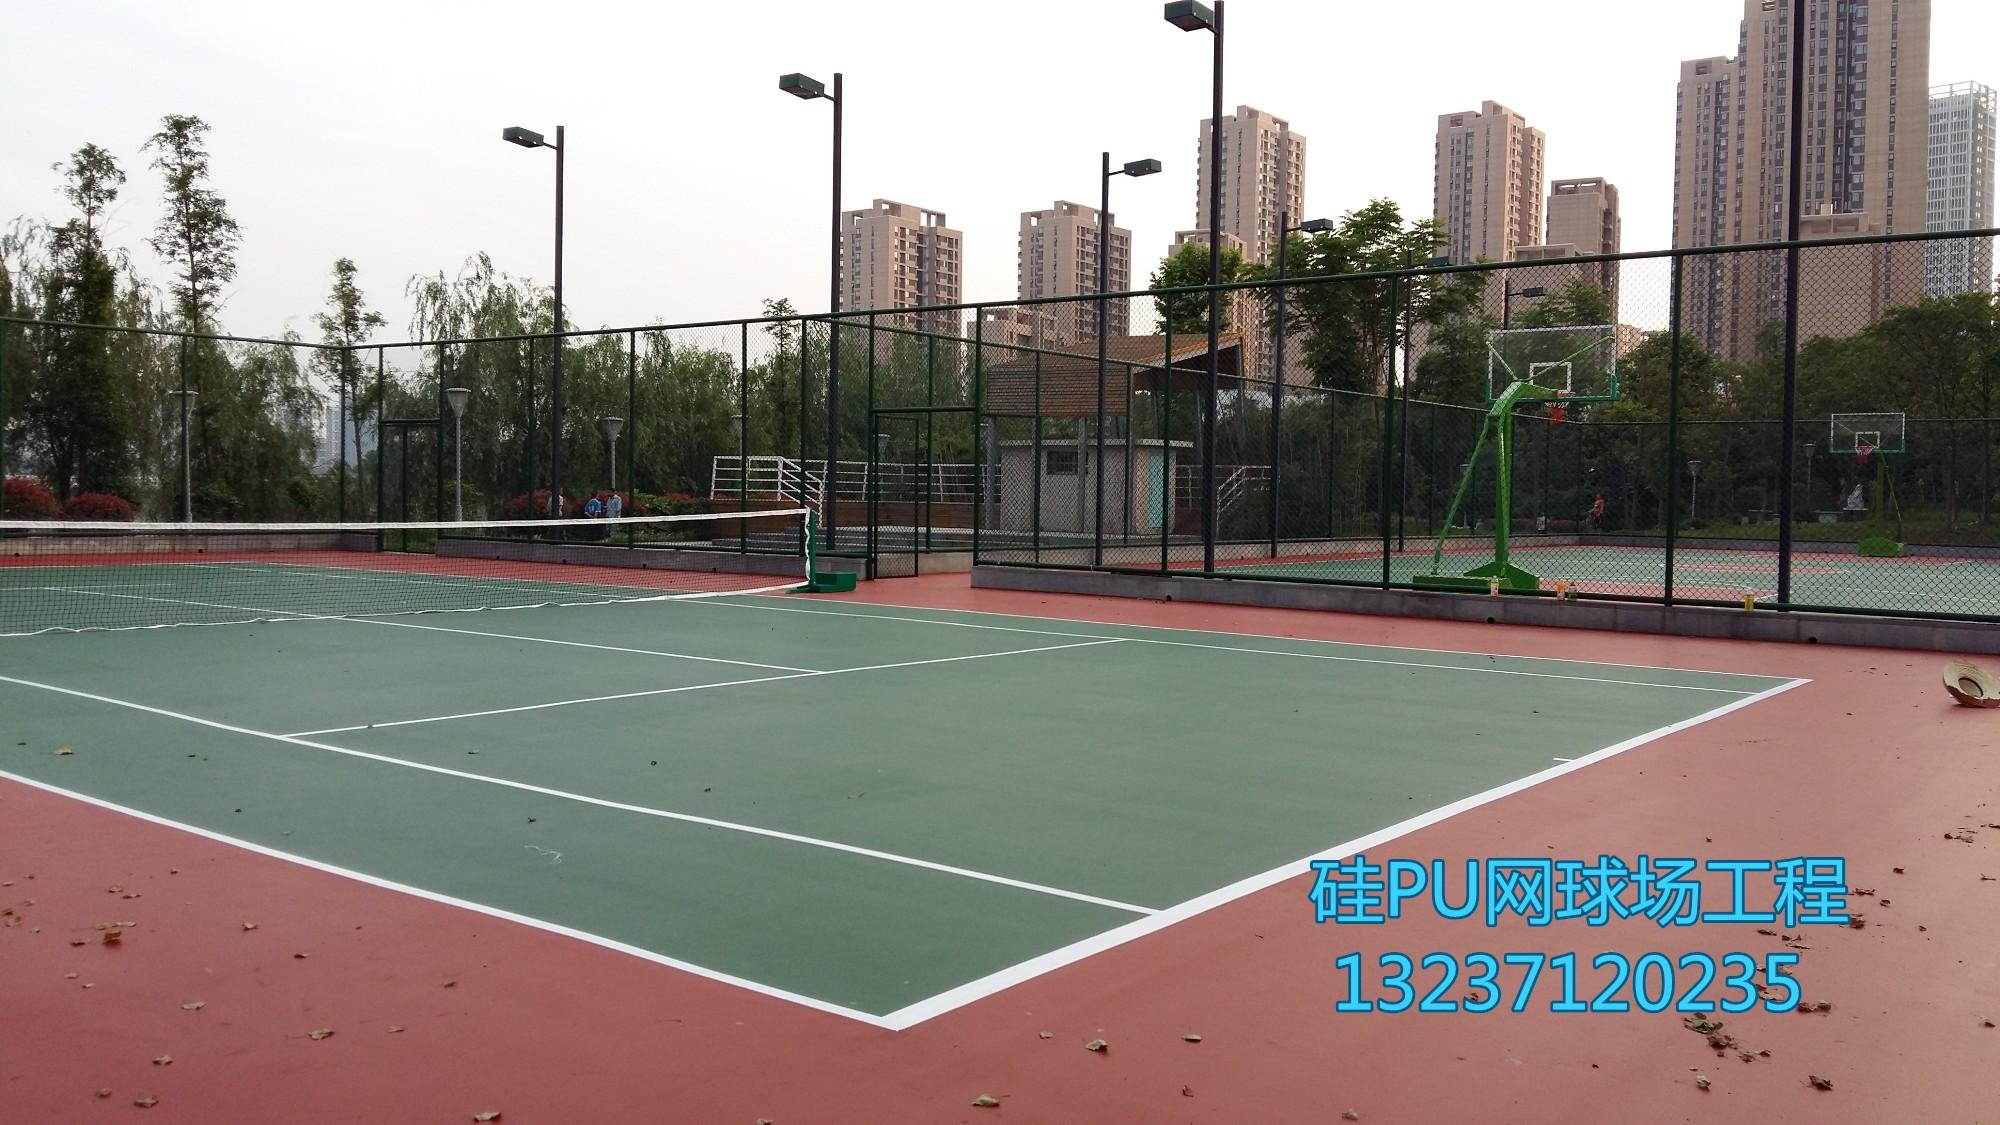 清江泓景硅PU网球场